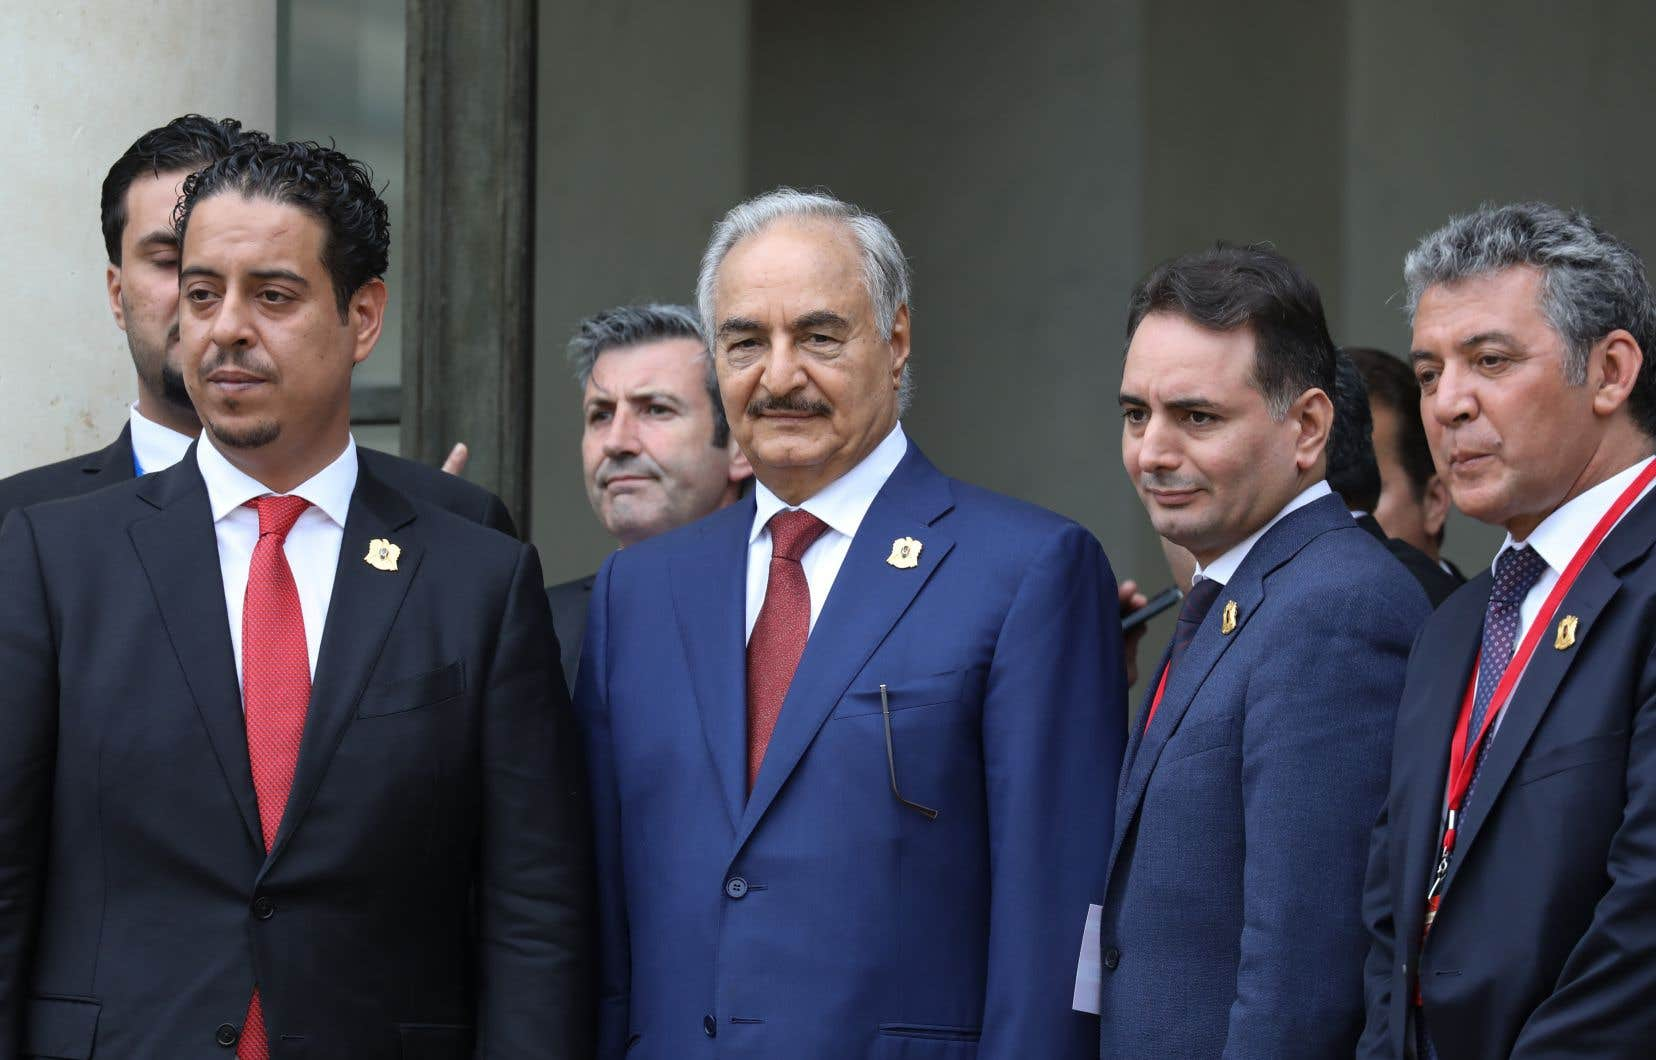 Le maréchal Khalifa Haftar, homme fort de l'est du pays, se tient avec les membres de sa délégation sur les marches du palais de l'Elysée.